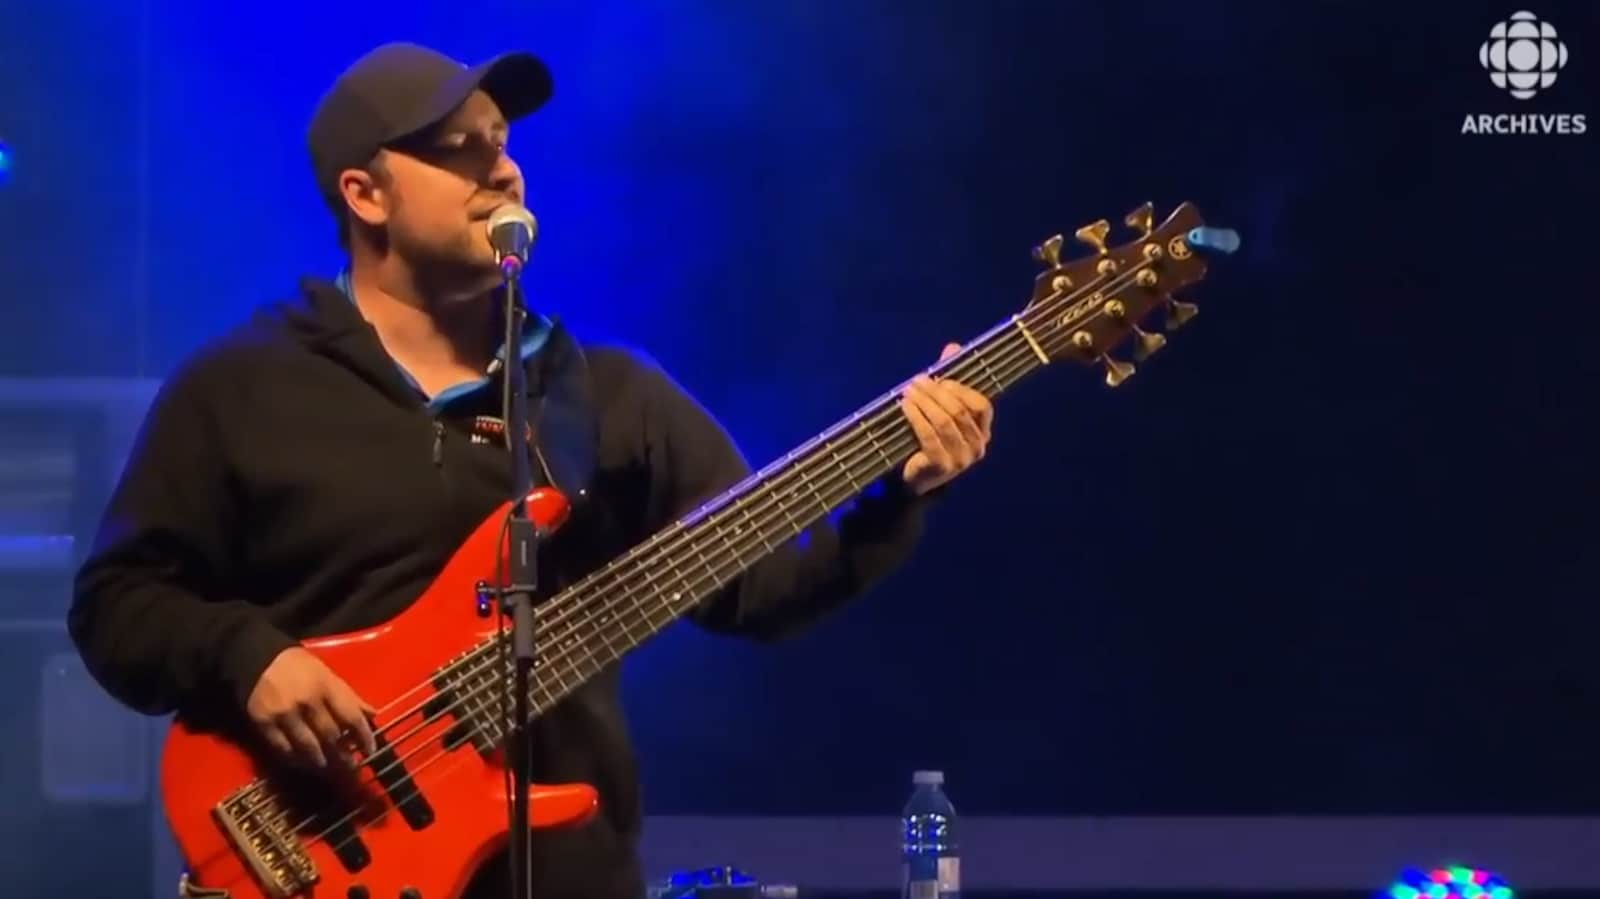 Le chanteur Kim Fontaine joue de la basse à six cordes lors d'un spectacle.